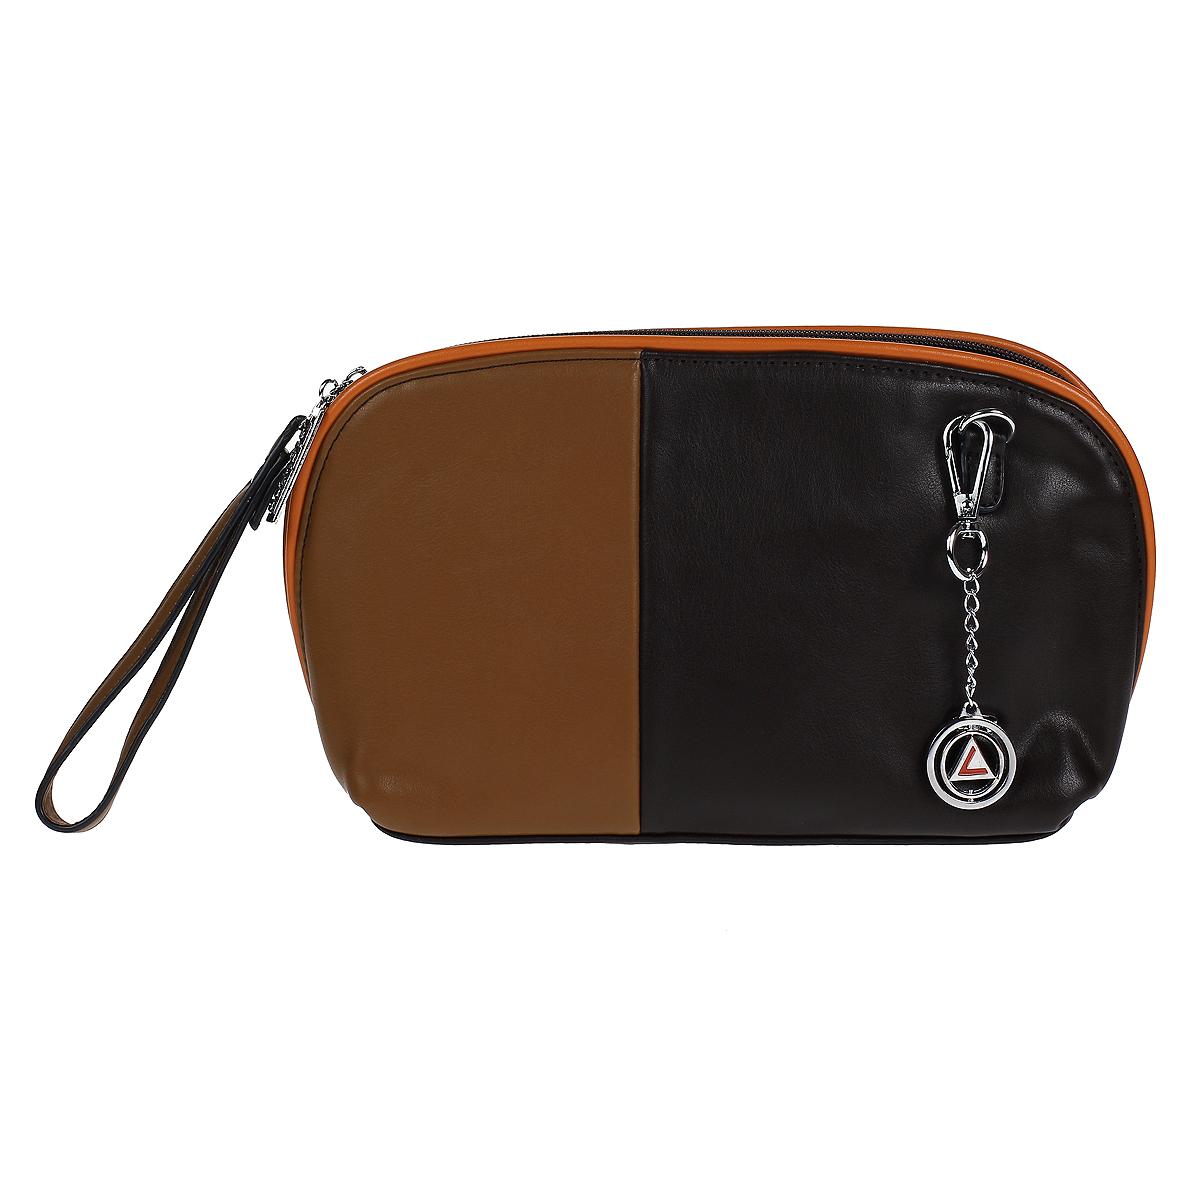 Сумка-клатч женская Leighton, цвет: коричневый, оранжевый. 510336-1166510336-1166/201/1166/203/Изысканная женская сумка-клатч Leighton выполнена из высококачественной искусственной кожи. Модель закрывается на застежку-молнию. Внутри одно отделение. В отделении есть один накладной кармашек и один врезной карман на застежке-молнии. Задняя сторона дополнена плоским врезным карманом на застежке-молнии. В комплекте - два плечевых ремня, разной длины, не большая ручка и чехол для хранения. Яркий дизайн сумки, сочетающий классические формы с оригинальным оформлением, позволит вам подчеркнуть свою индивидуальность и сделает ваш образ изысканным и завершенным.